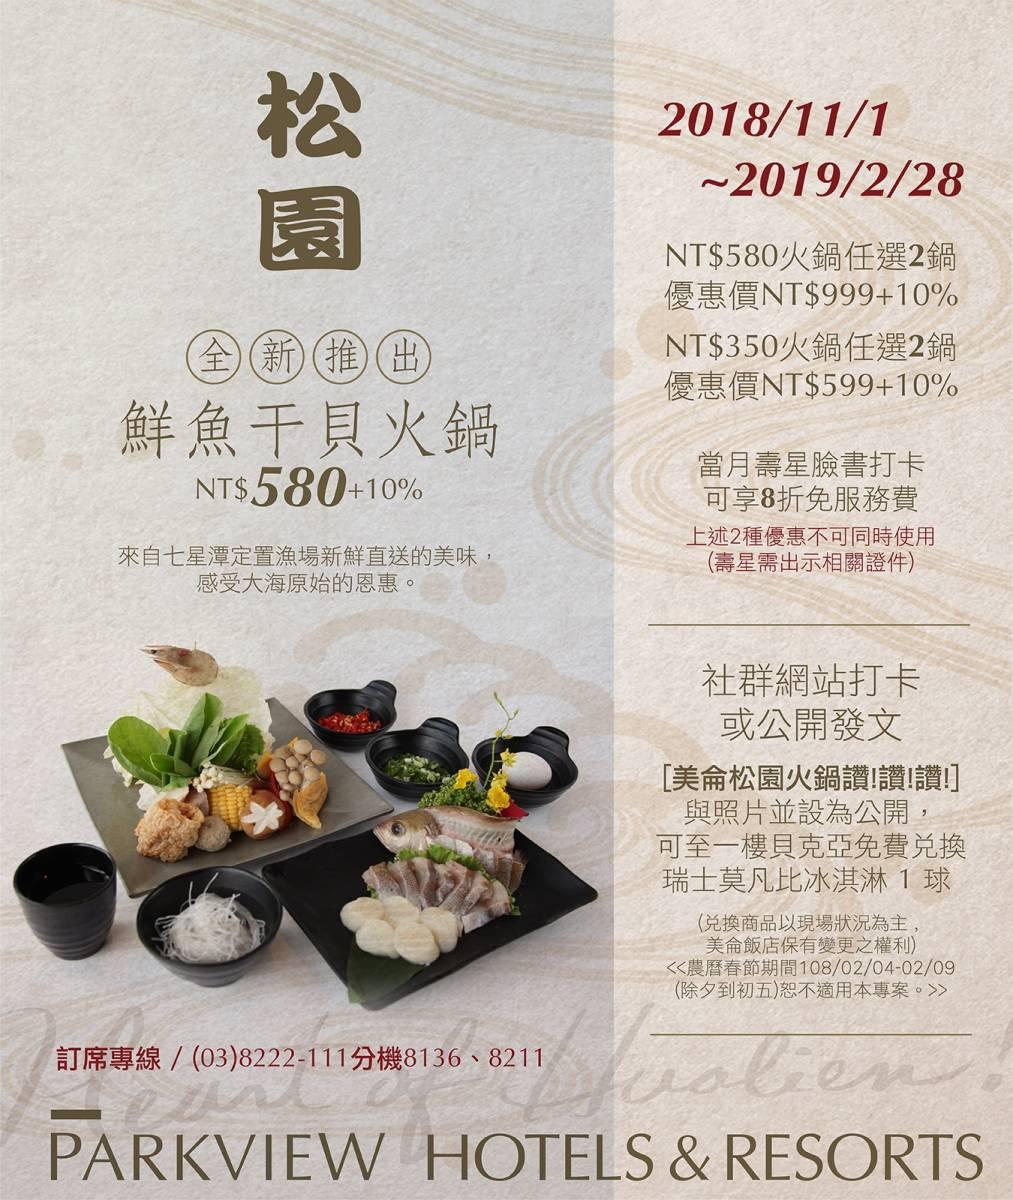 鮮魚干貝鍋